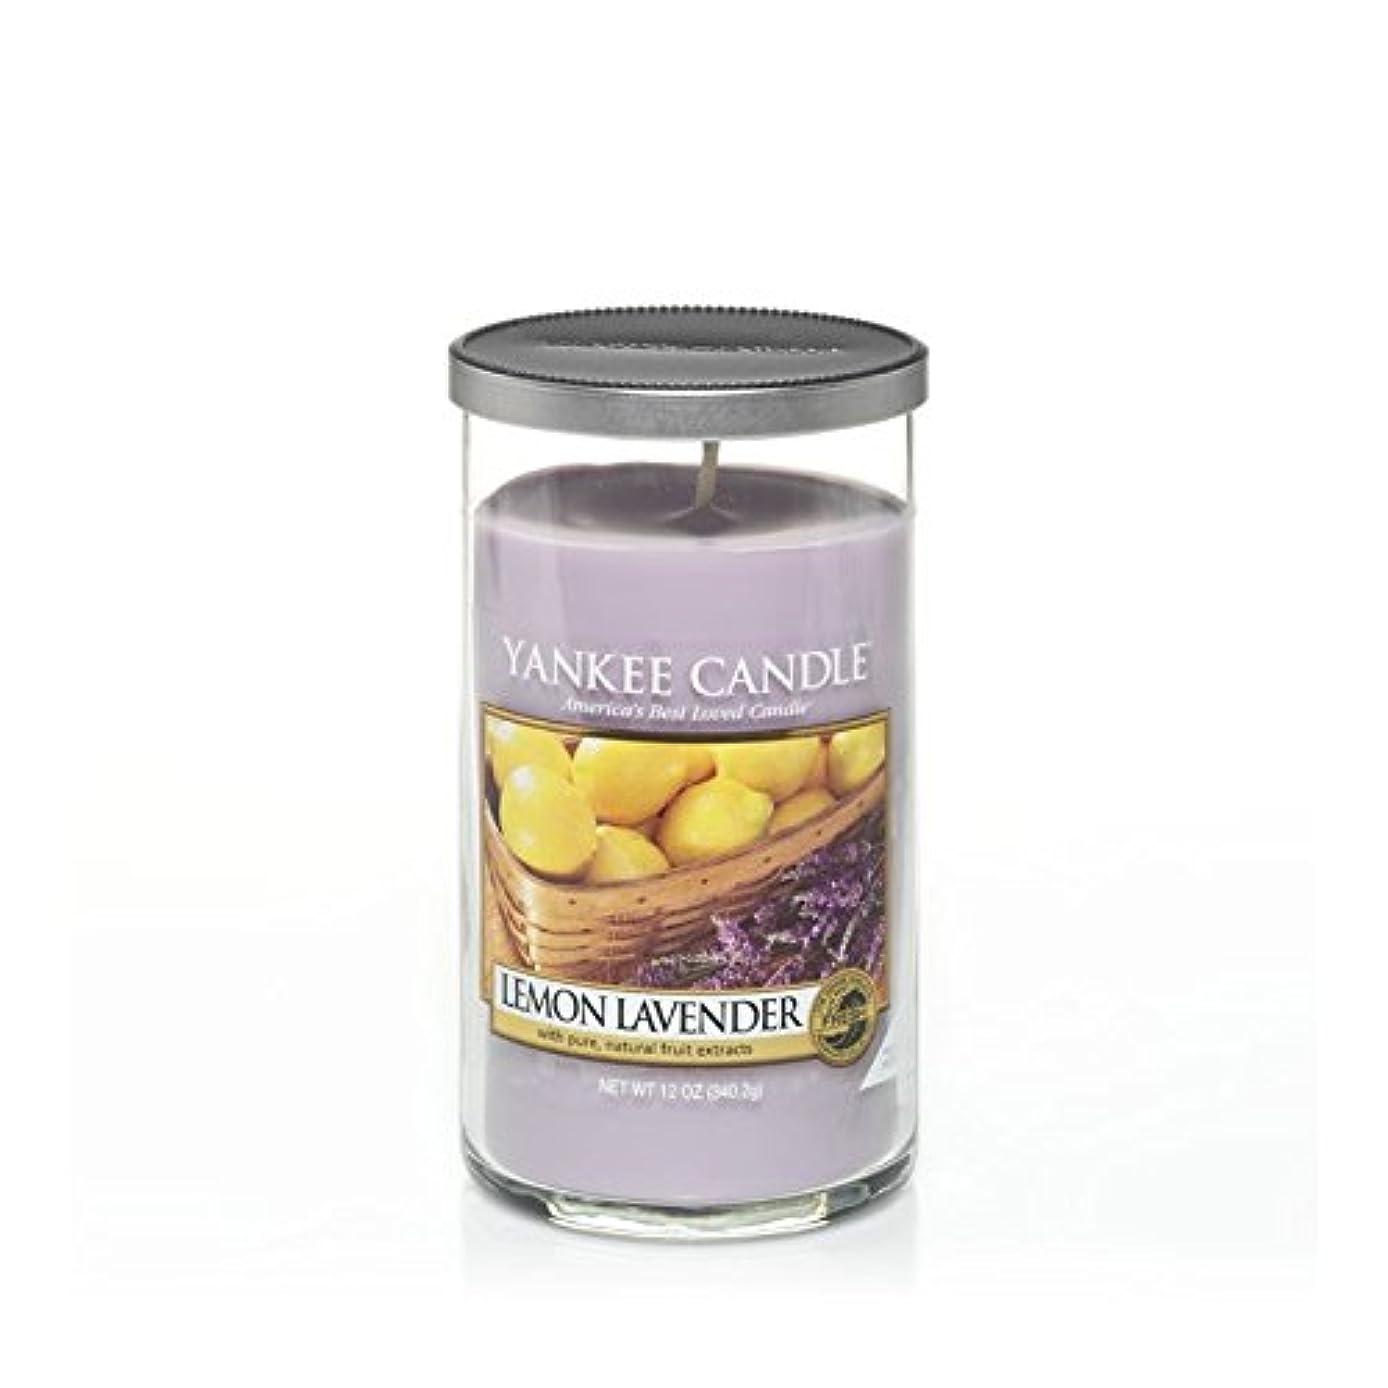 適合する処方する一緒にYankee Candles Medium Pillar Candle - Lemon Lavender (Pack of 6) - ヤンキーキャンドルメディアピラーキャンドル - レモンラベンダー (x6) [並行輸入品]